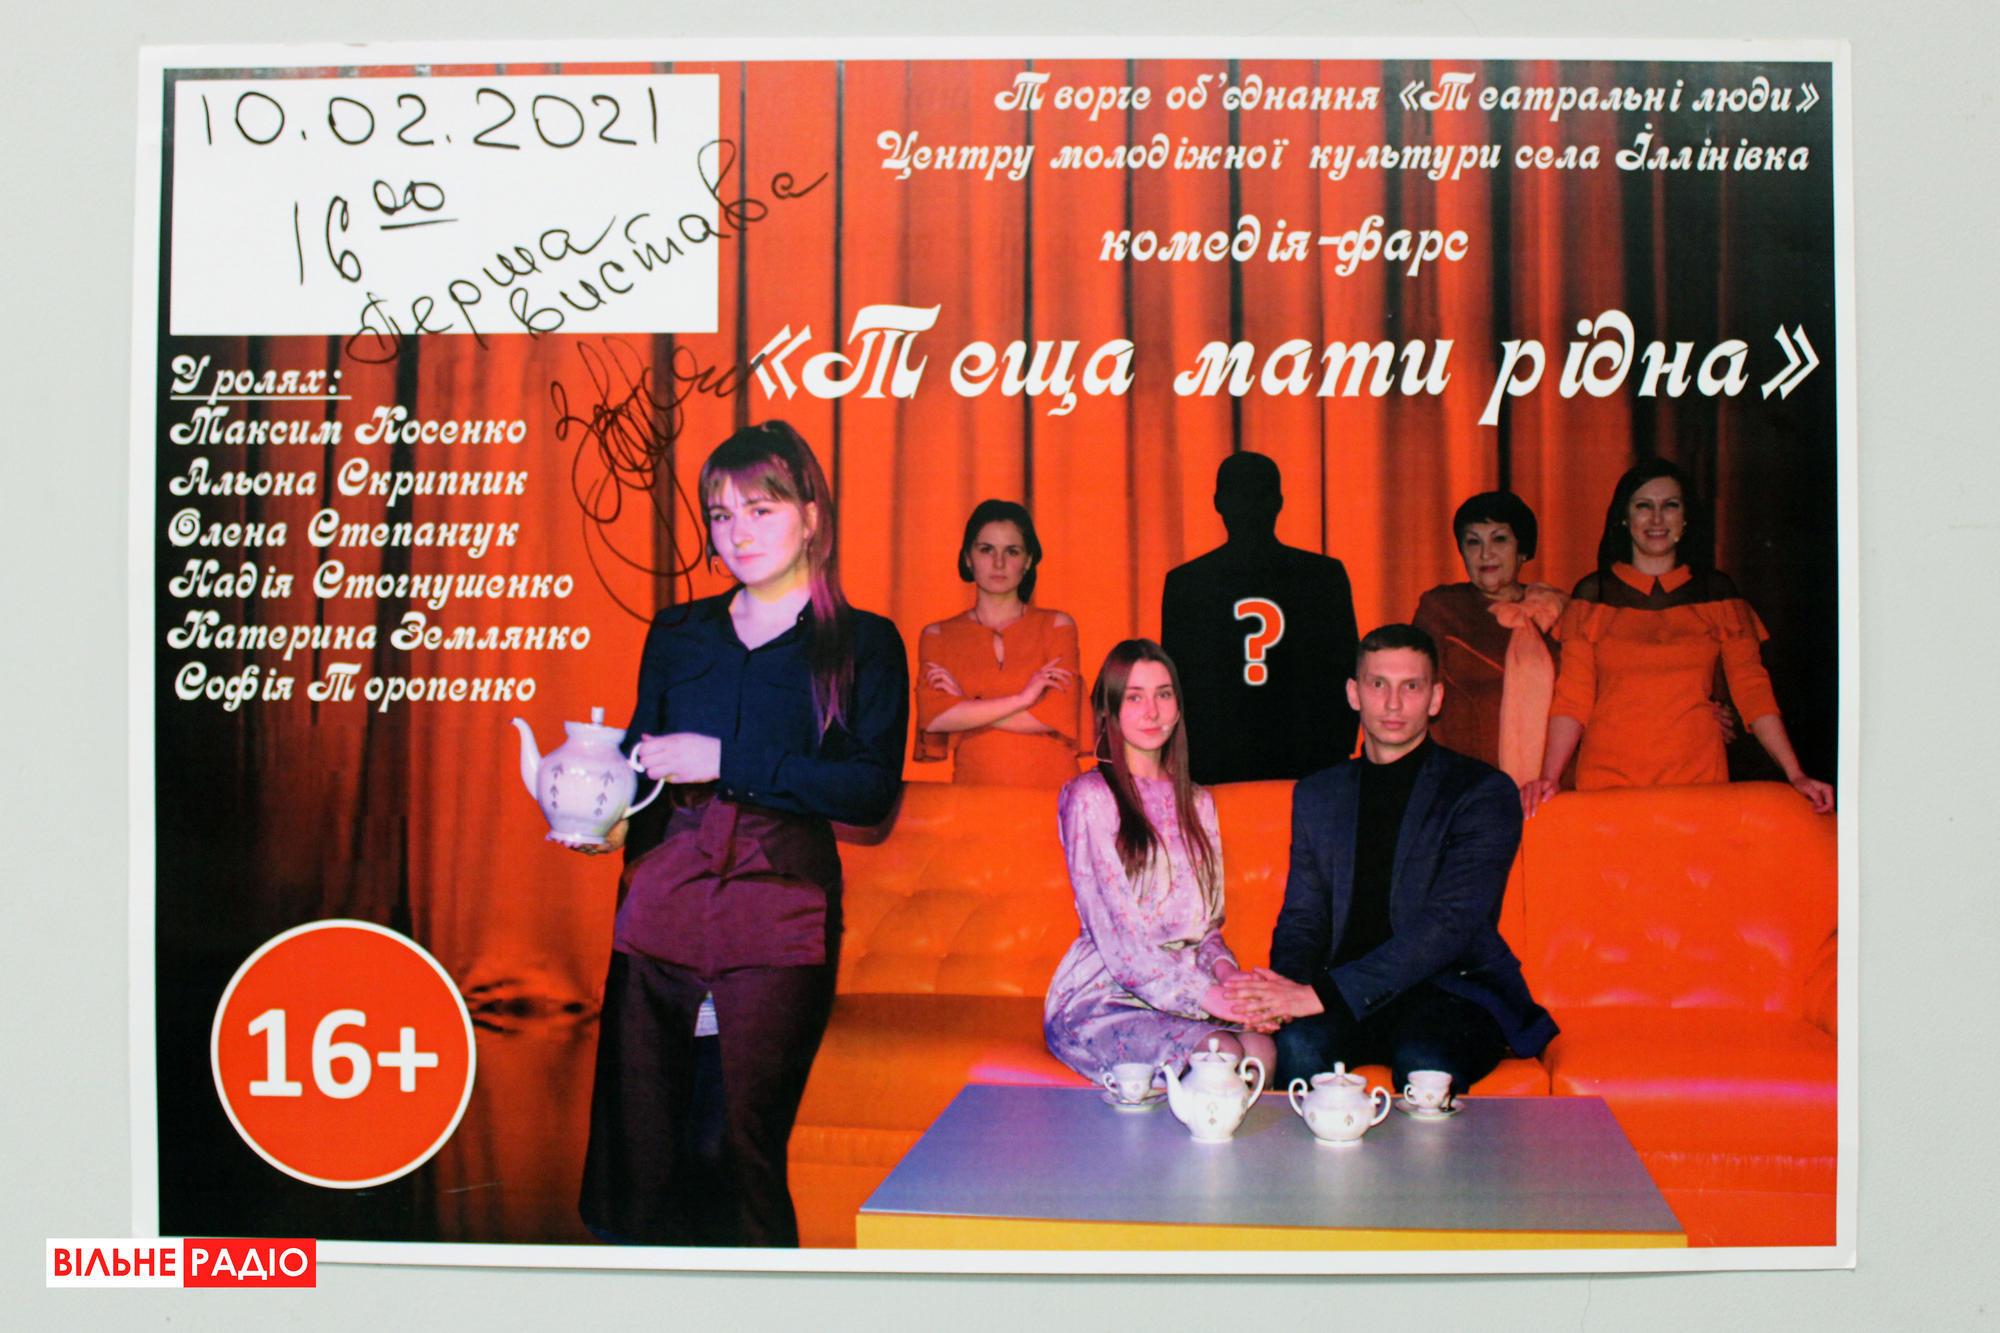 Семеро людей объединились, чтобы создать театр в селе на Донетчине